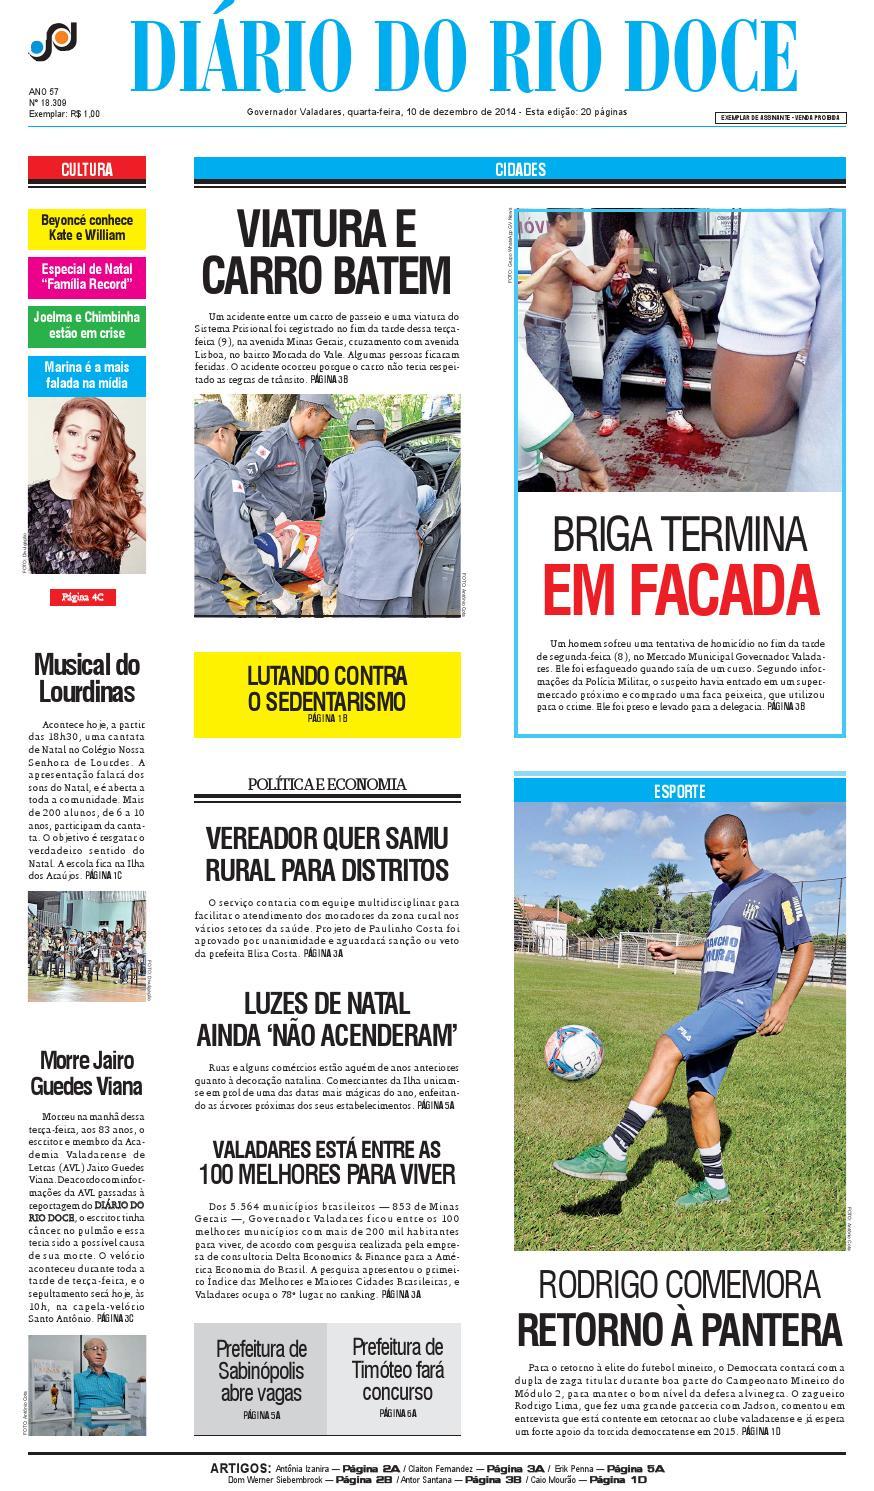 9fe4690ae2 Diário do Rio Doce - Edição de 10 12 2014 by Diário do Rio Doce - issuu